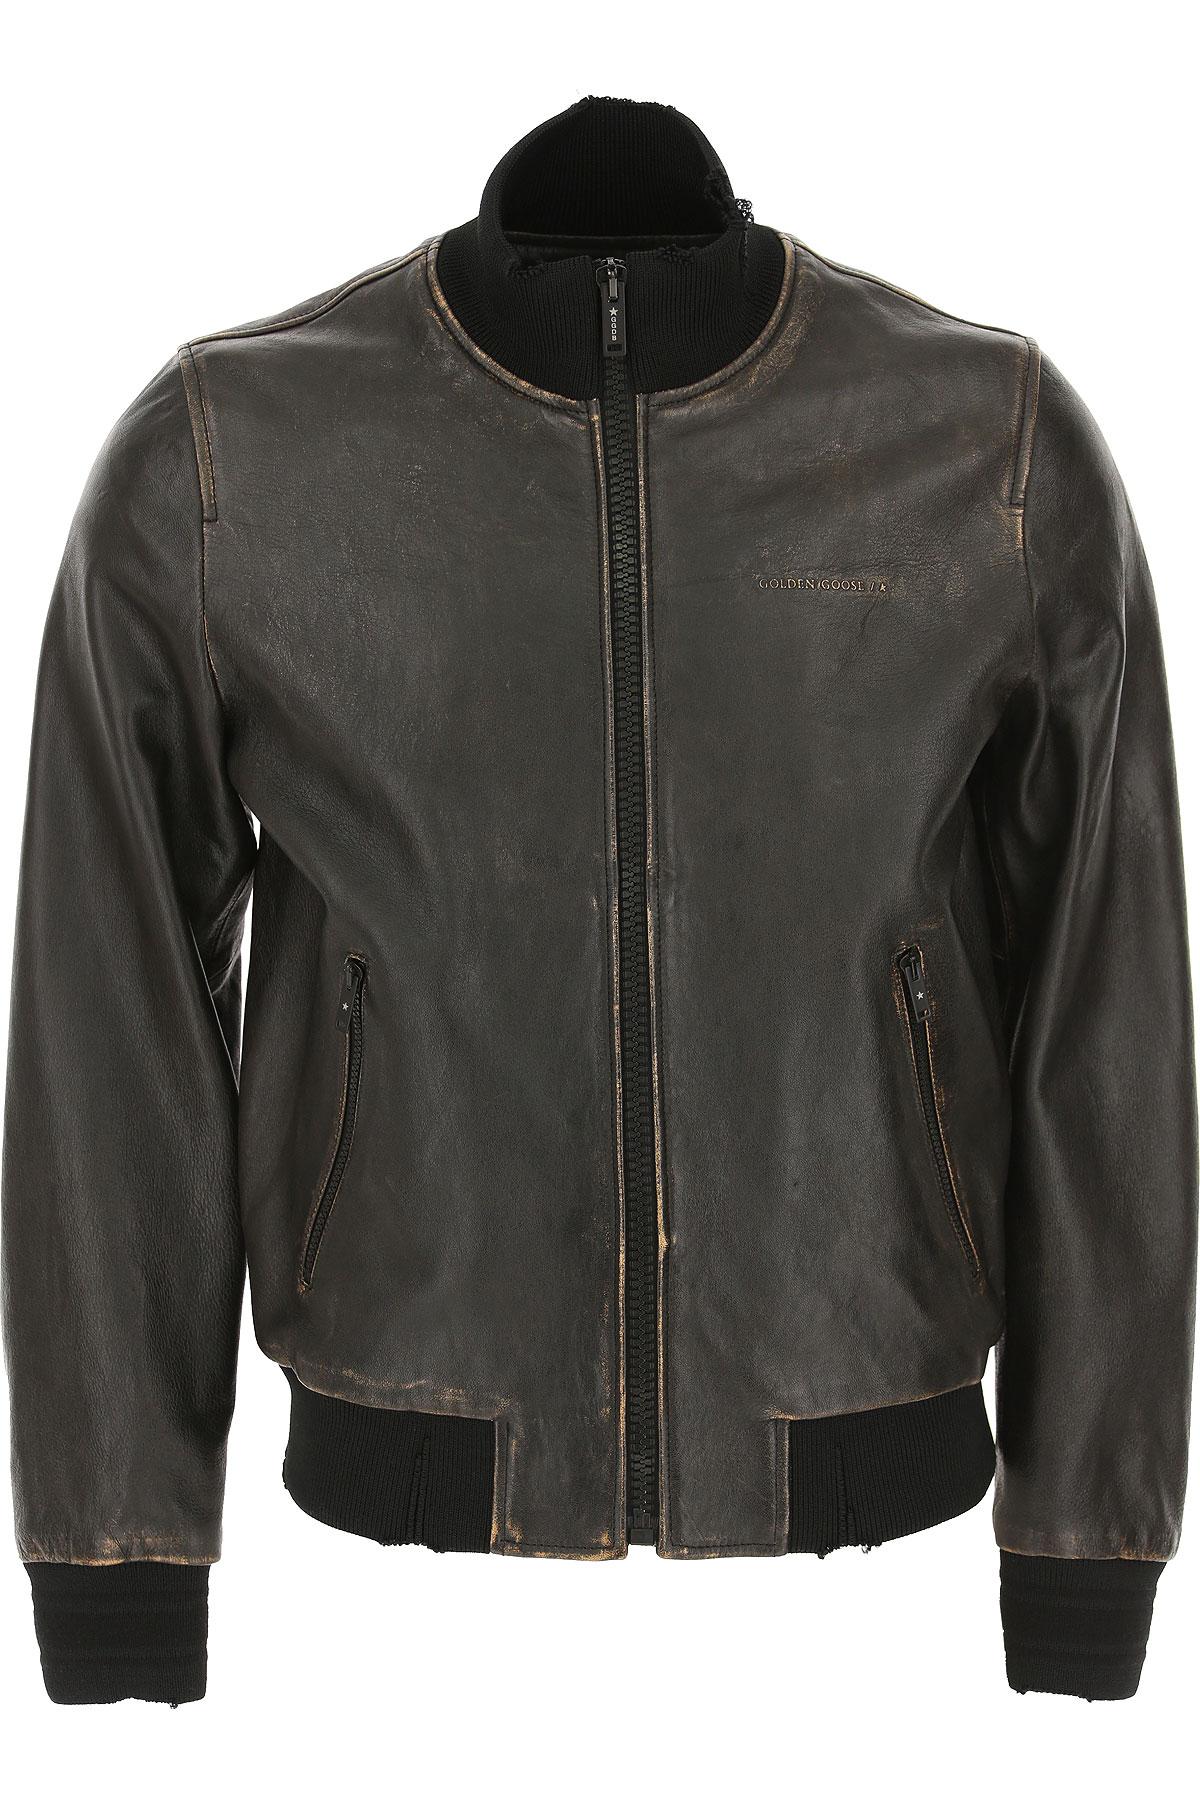 Golden Goose Leather Jacket for Men On Sale, Black Vintage, Leather, 2019, L M